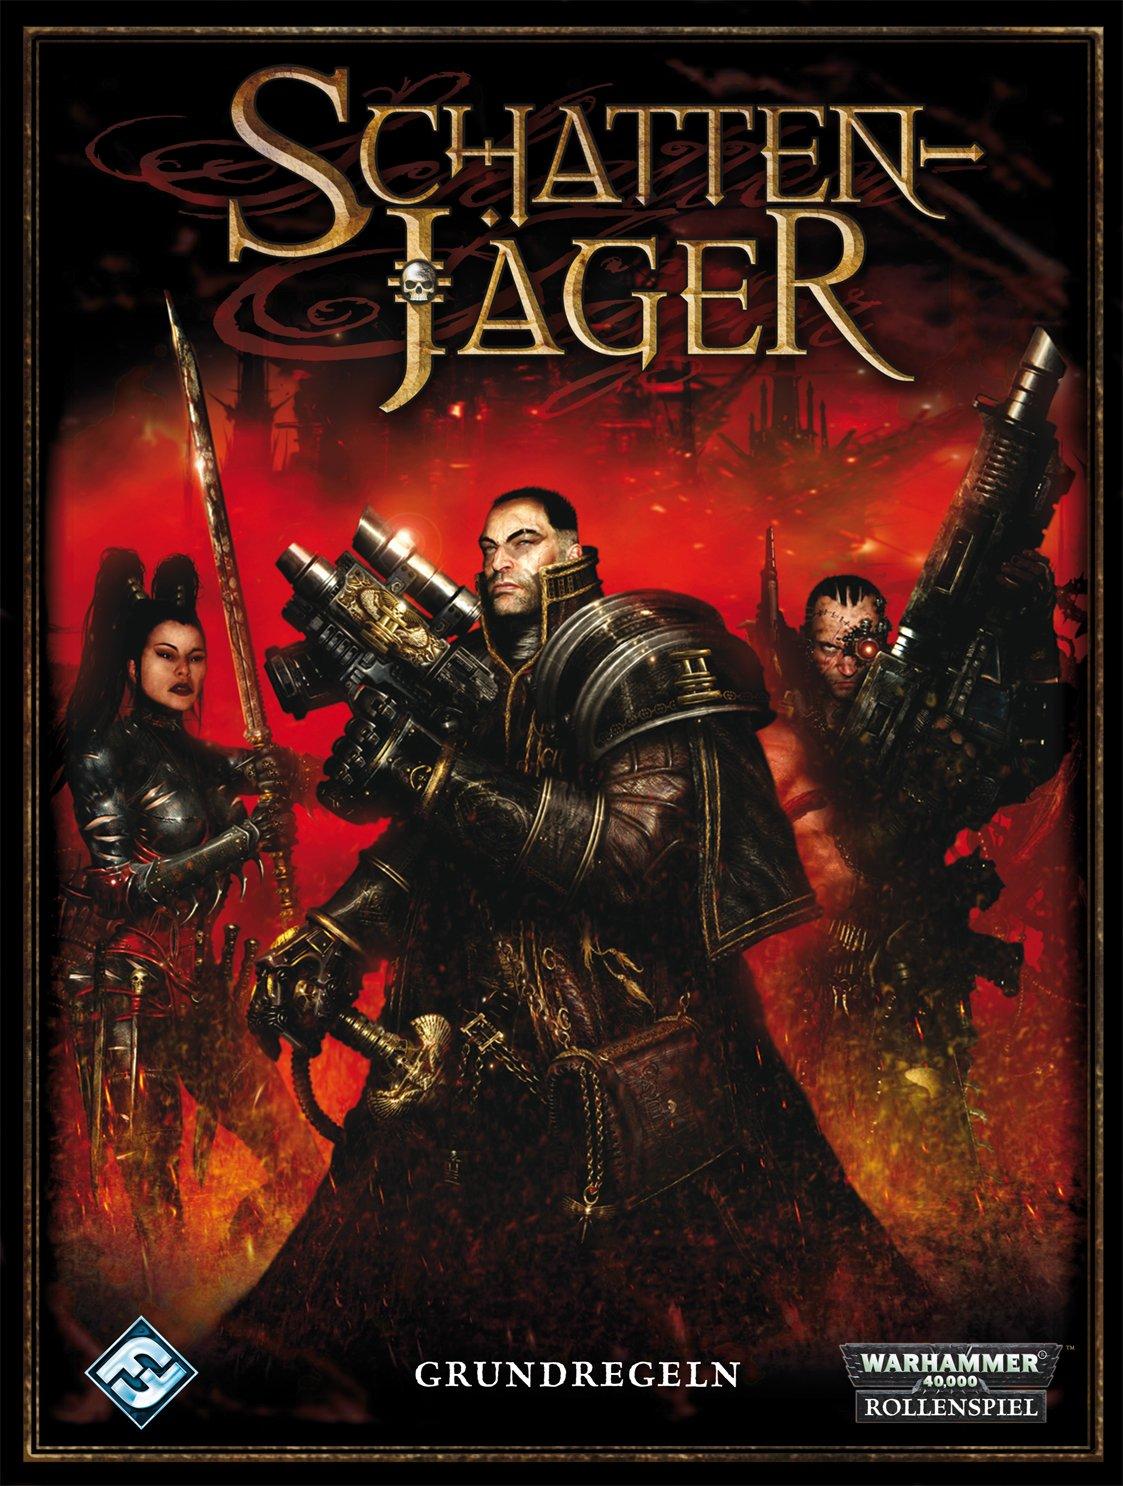 Warhammer 40.000: Schattenjäger:Grundregelwerk: Ein Grundregelwerk für das Rollenspiel Warhammer 40.000